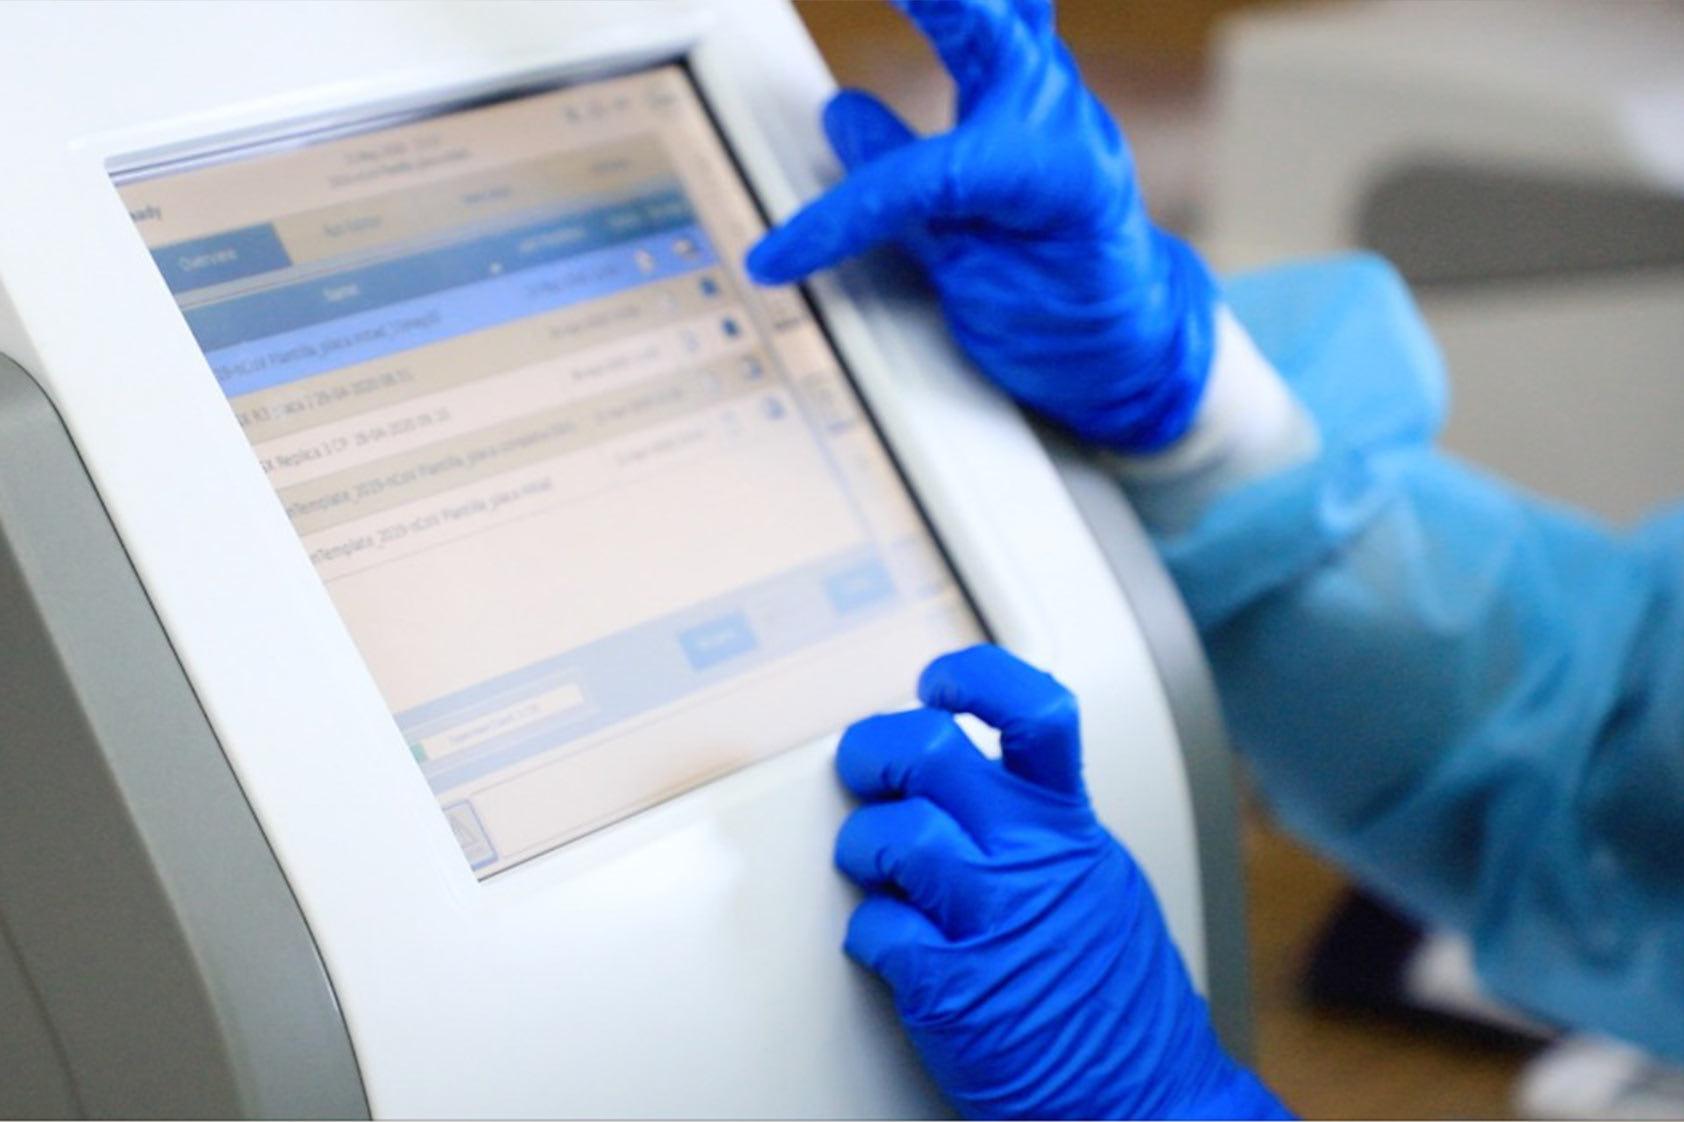 UVG colabora con USAC para reforzar la capacidad de detección de COVID-19